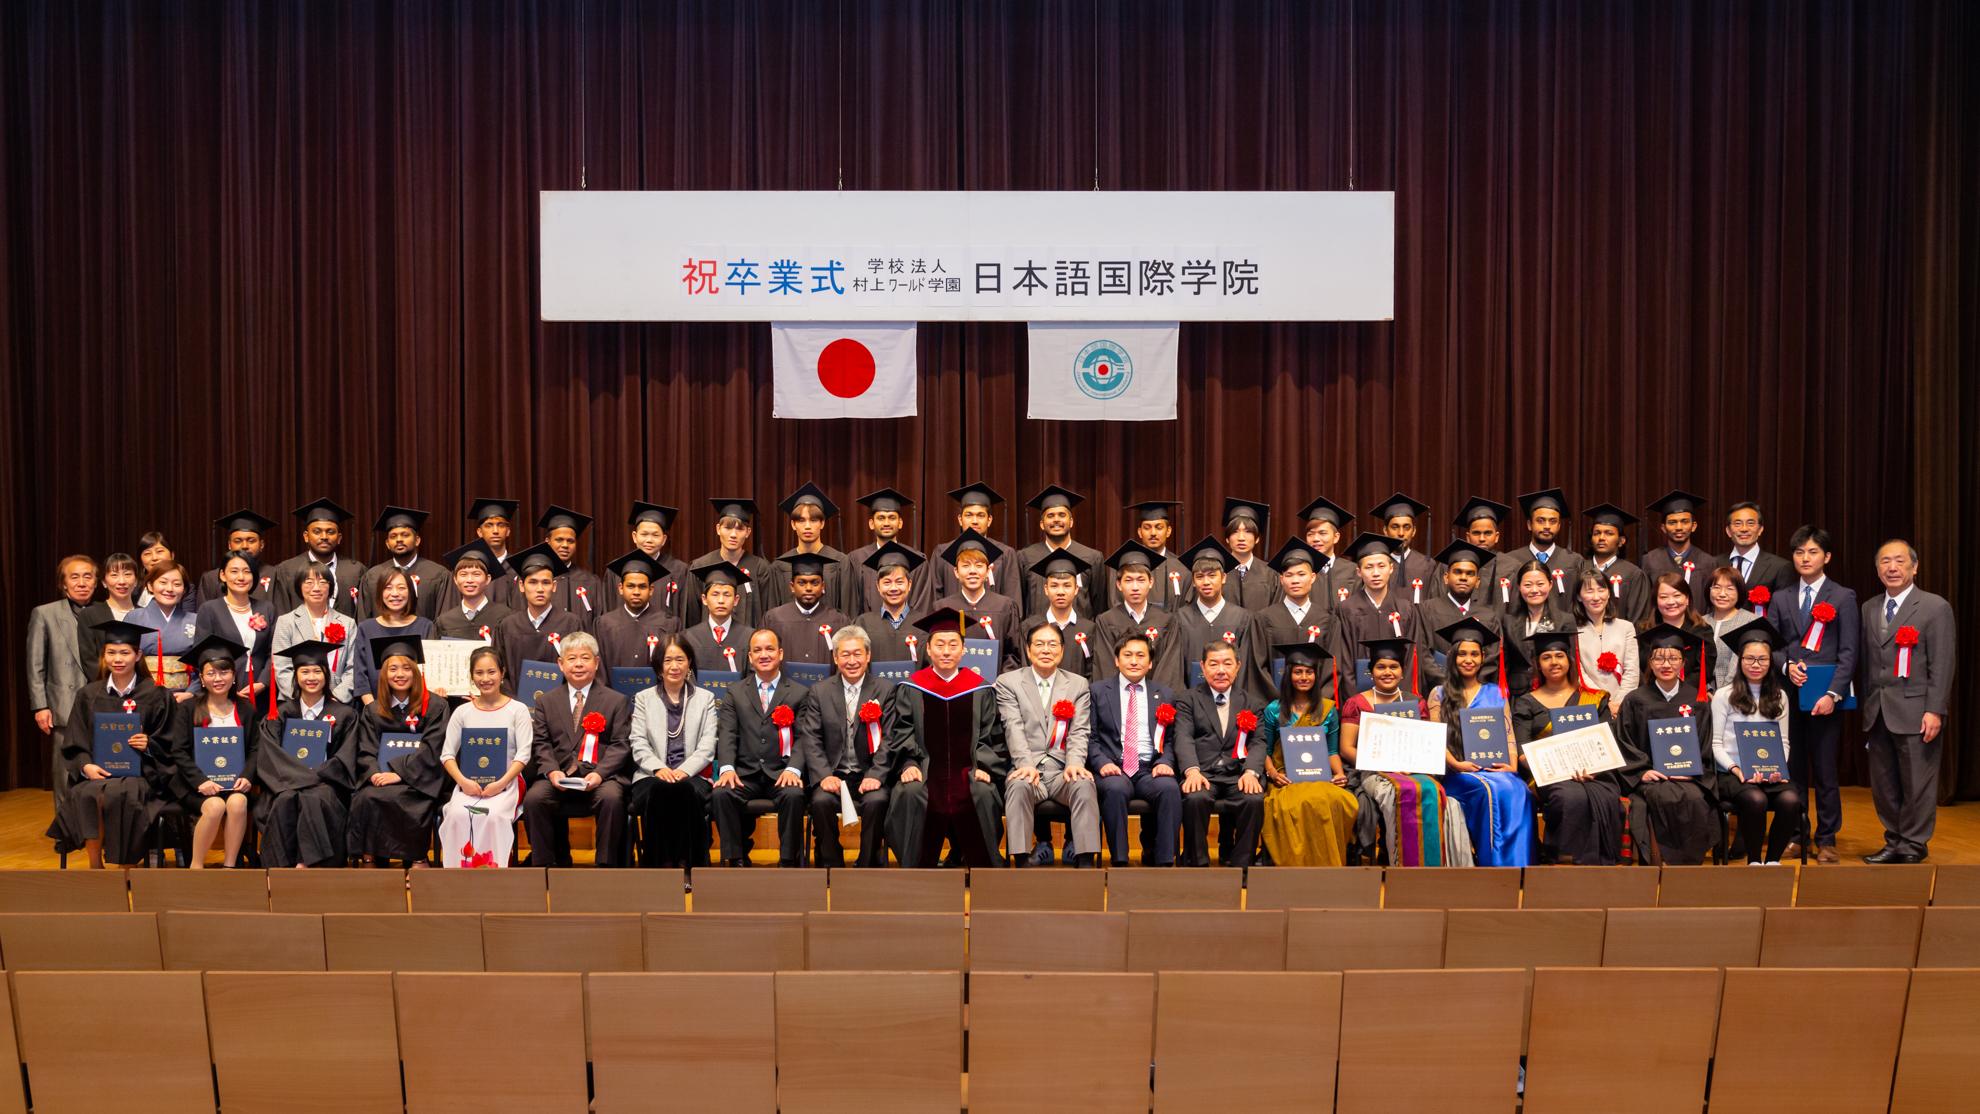 2019年卒業生集合写真-8.jpg